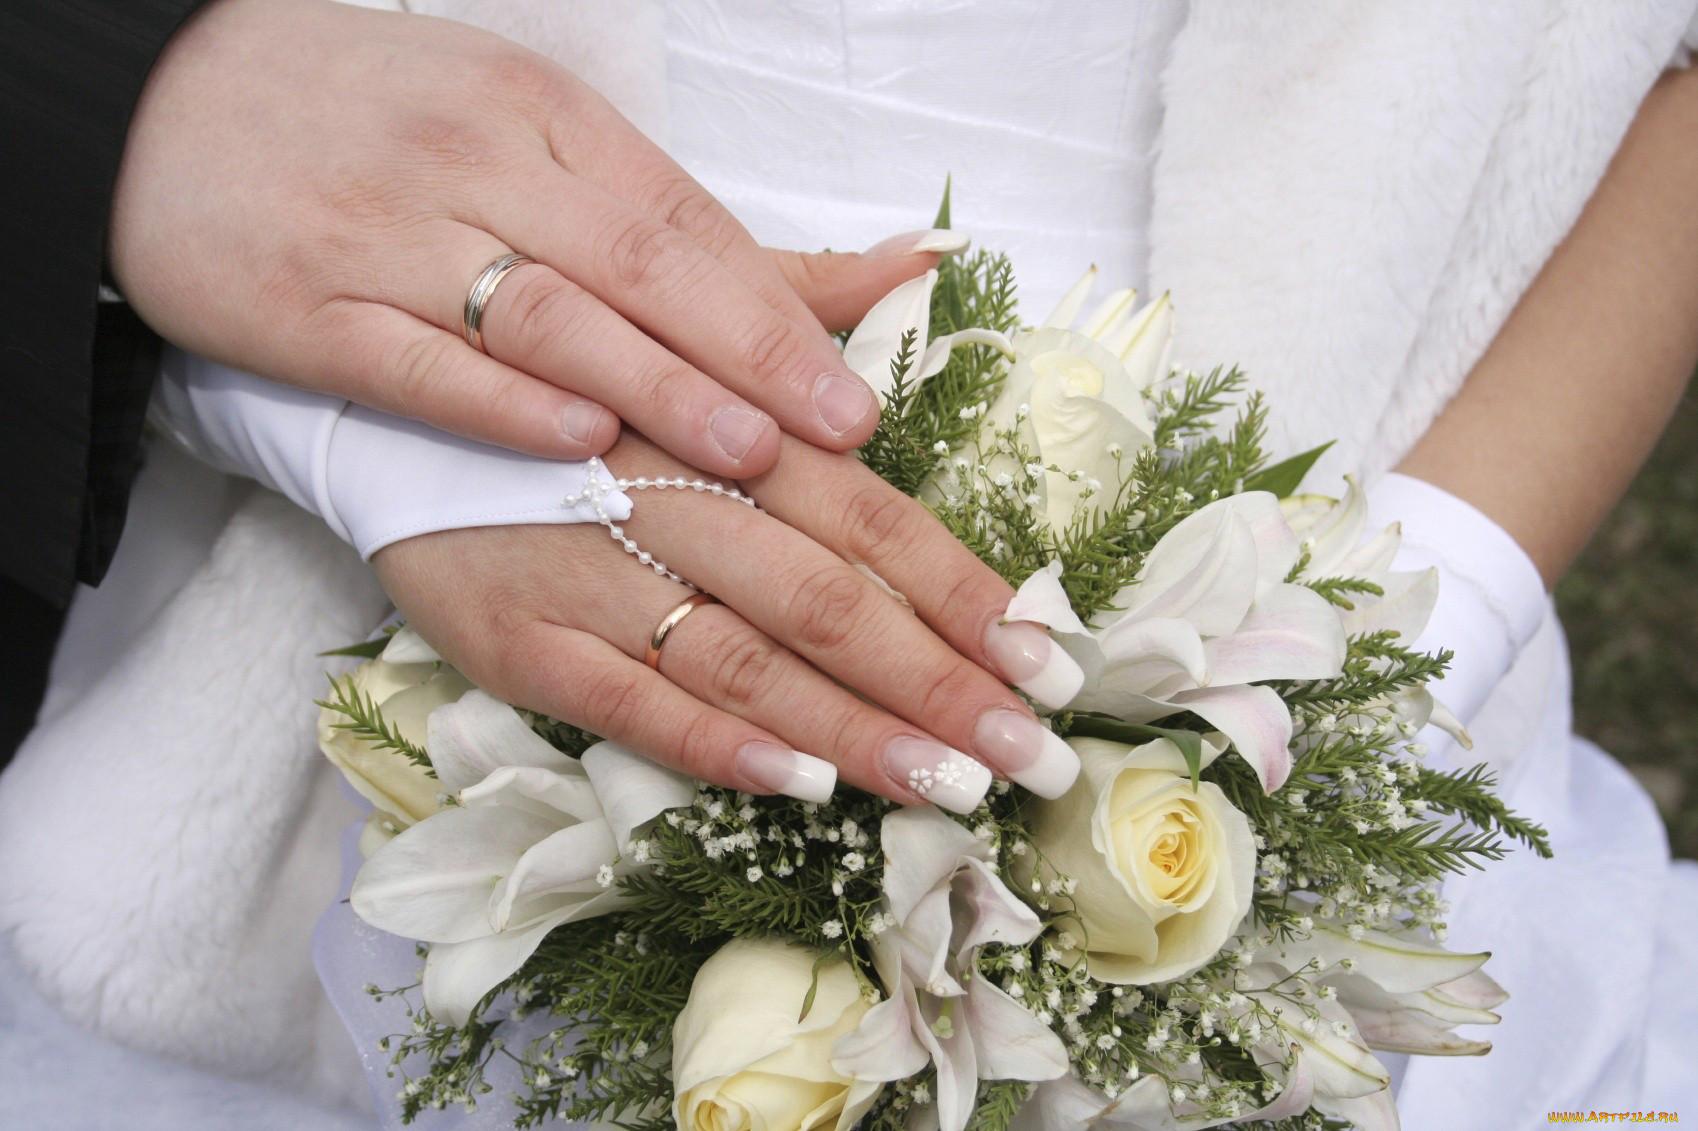 Фото обручальные кольца на руках 6